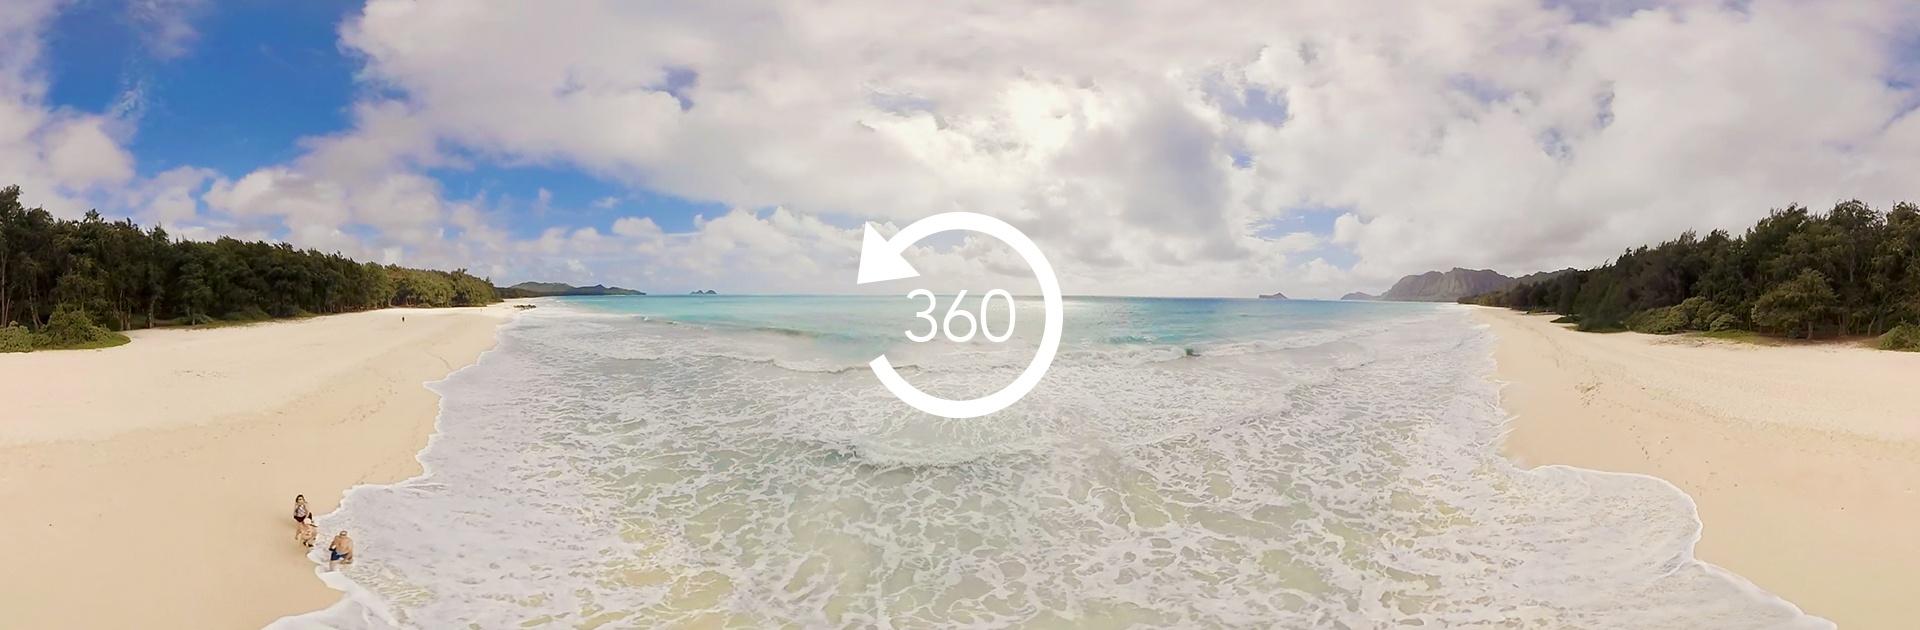 Идеальная камера 360 градусов для отпуска в 2018 году